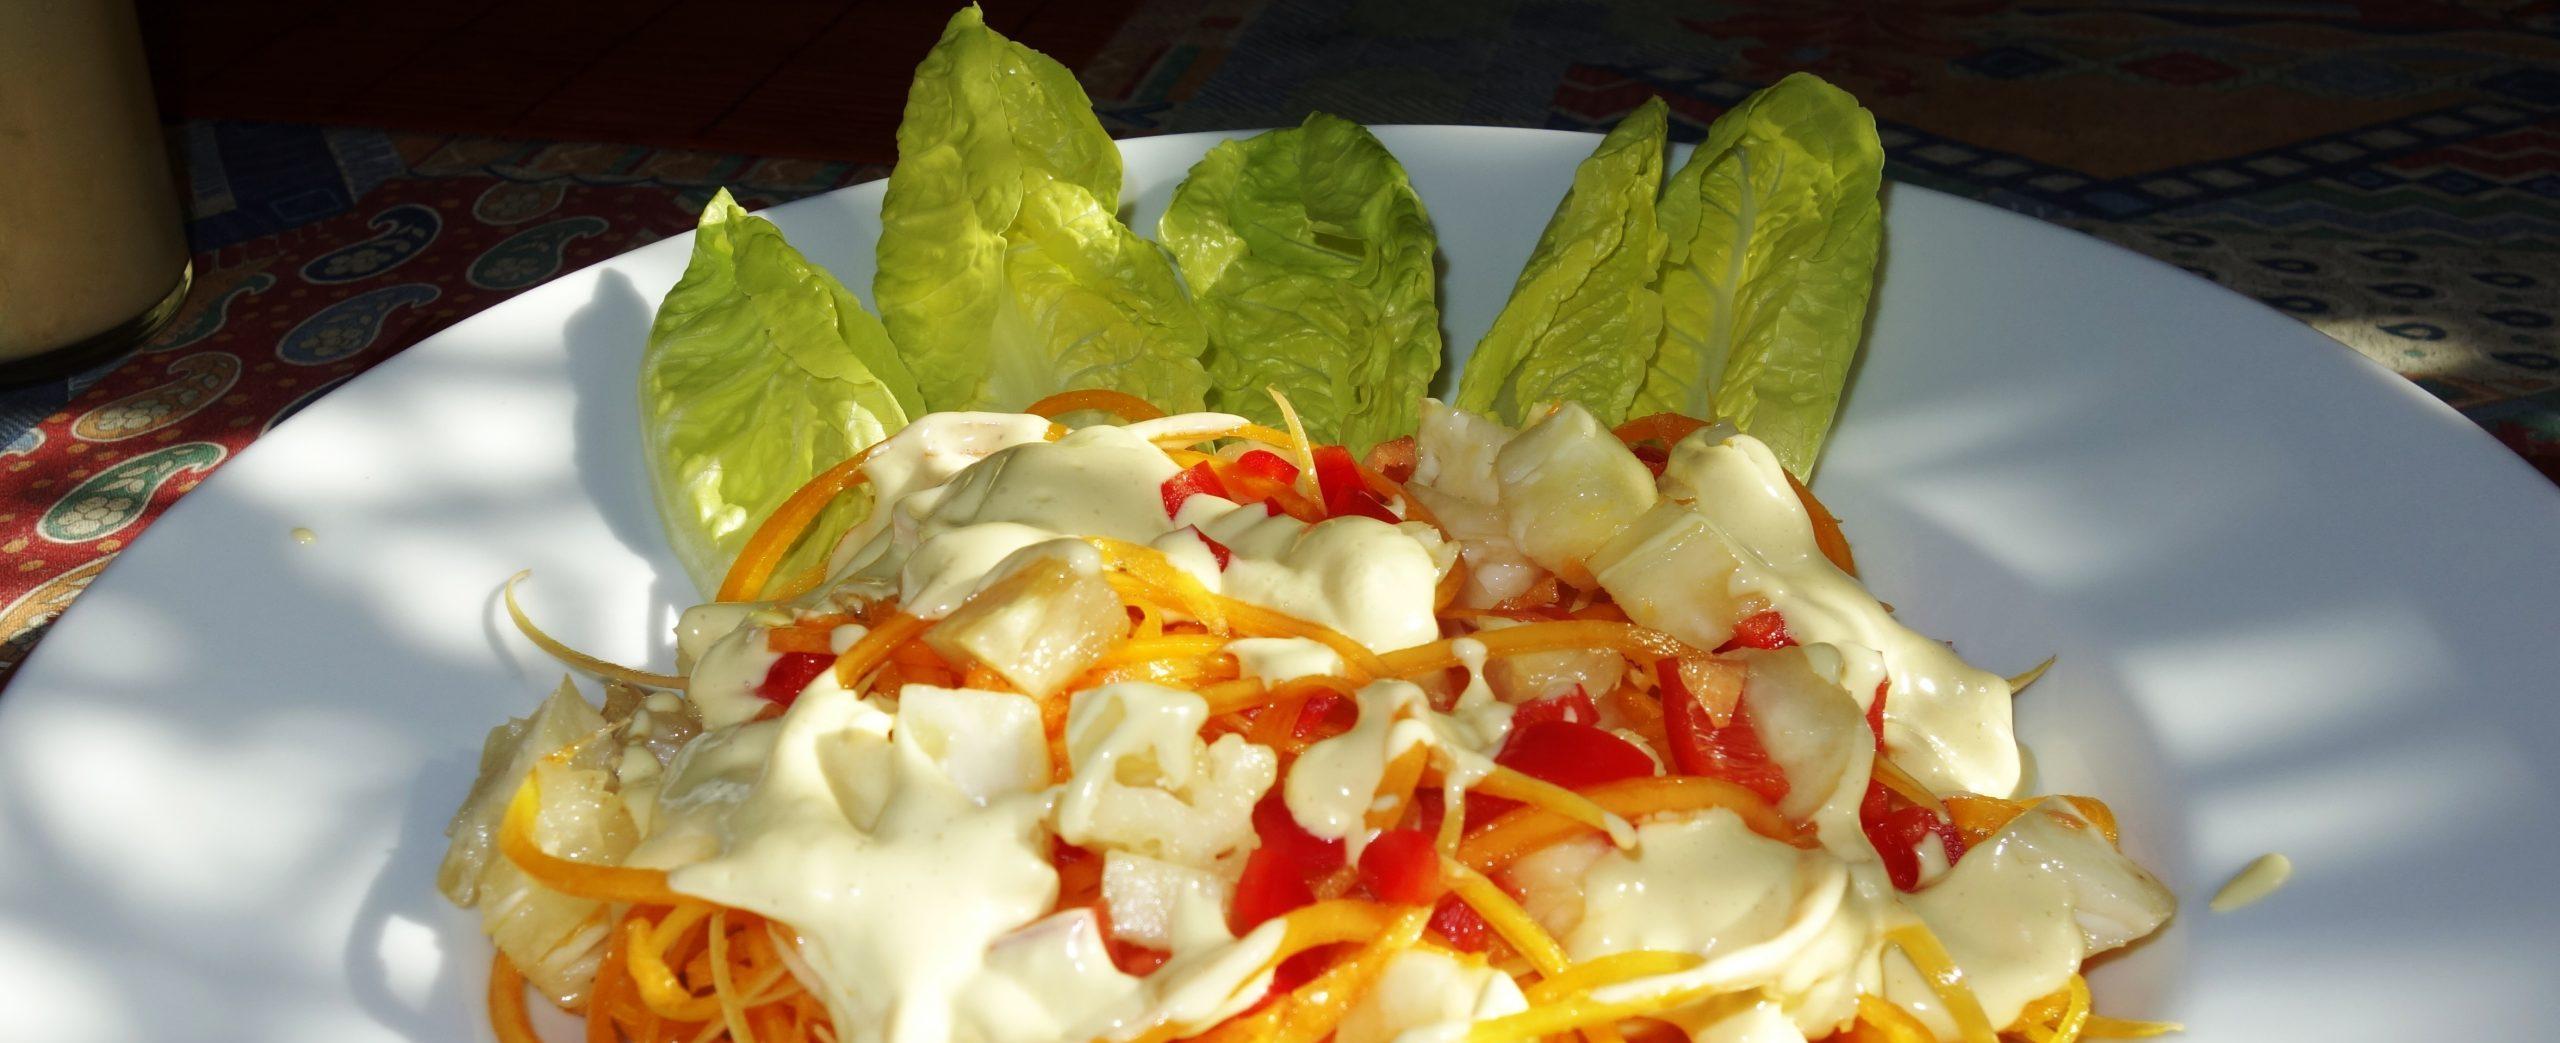 Kürbis-Spaghetti mit Ananas